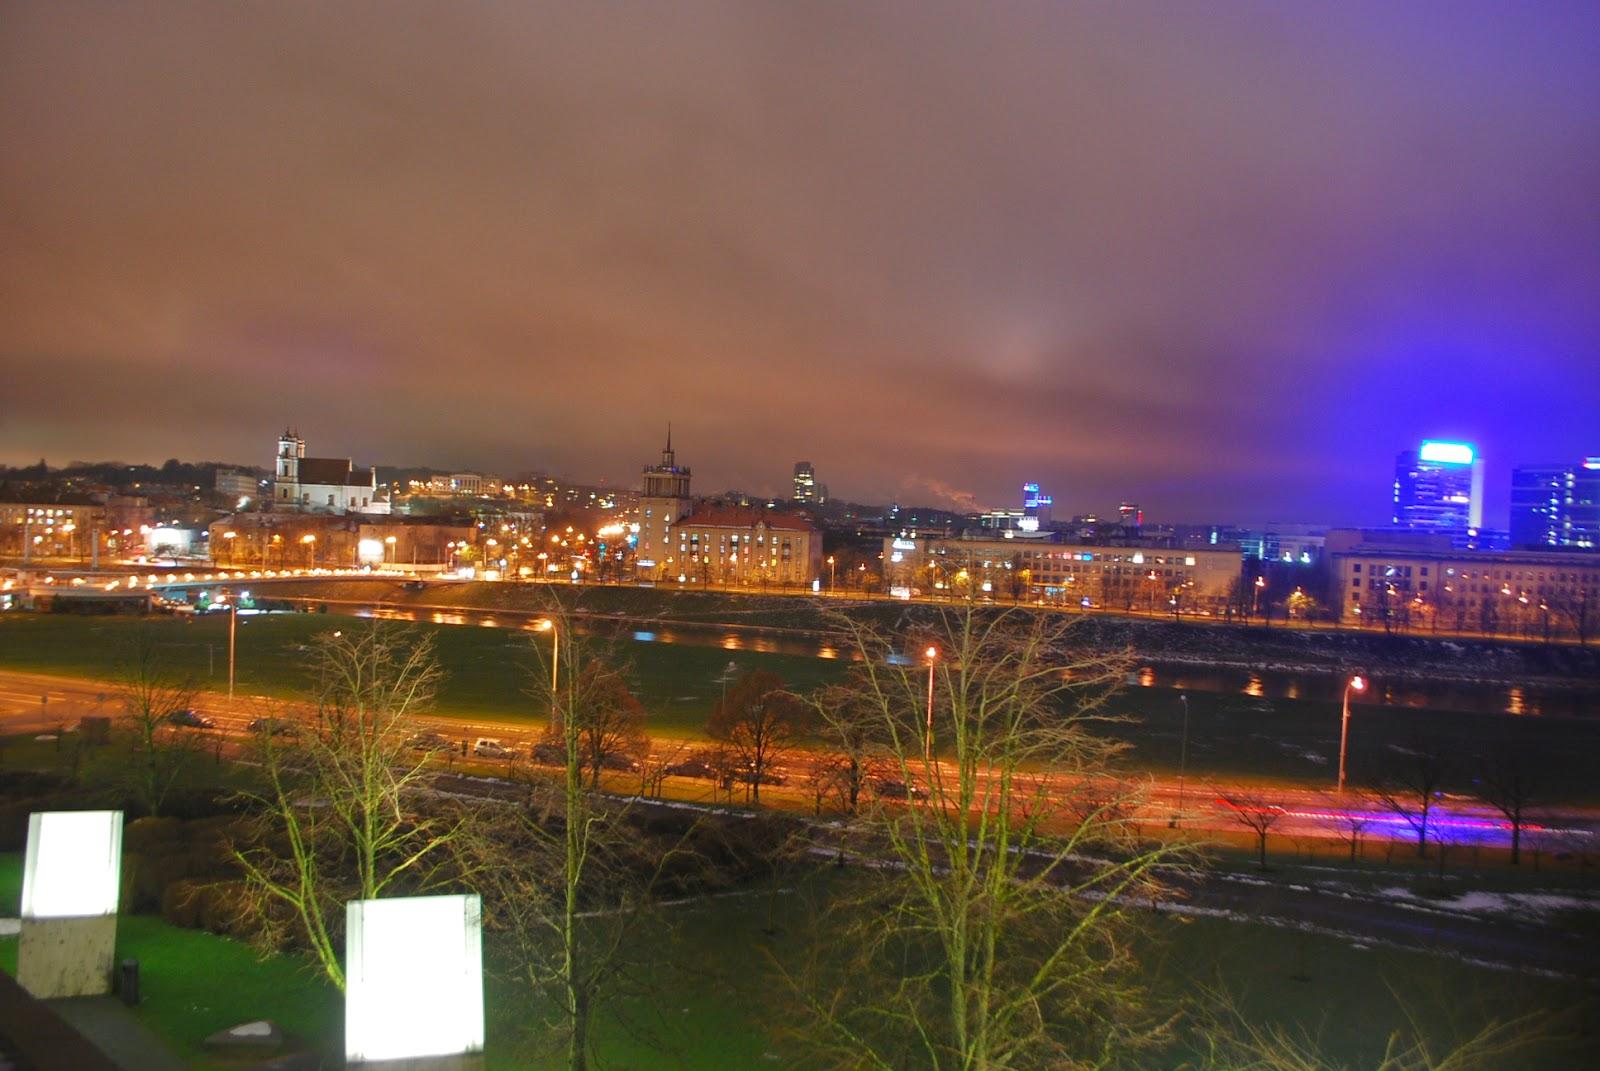 Вид со сквера у Сведбанка. Vilnius at night, Lithuania.